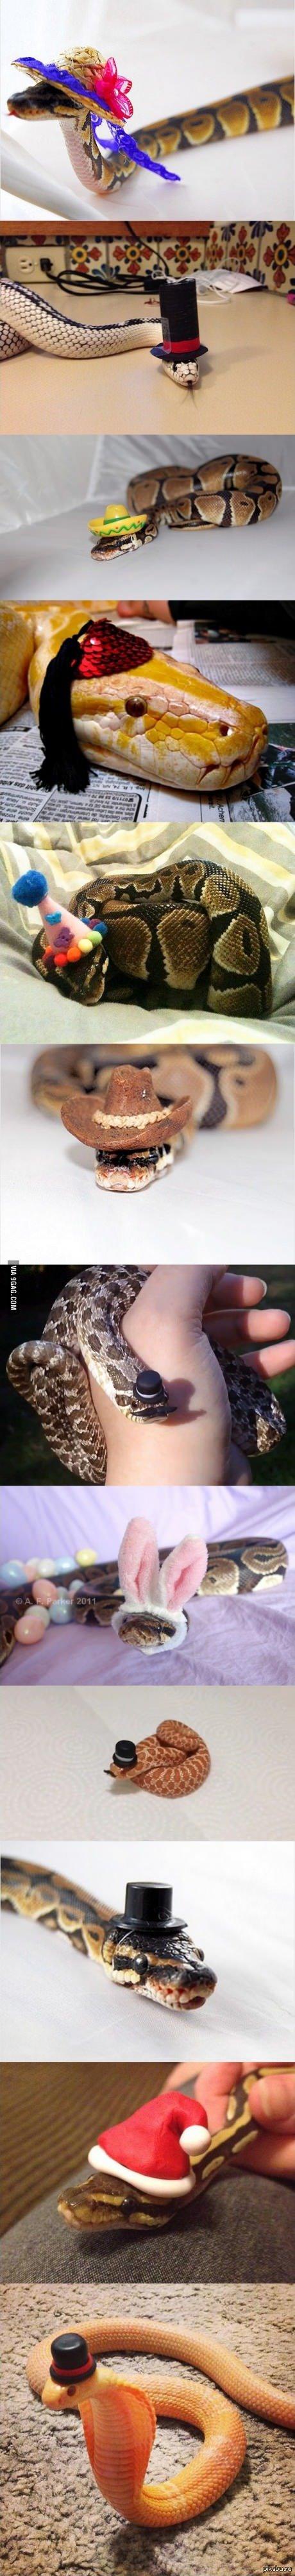 Змеи в шляпах просто змеи в шляпах (c)9gag